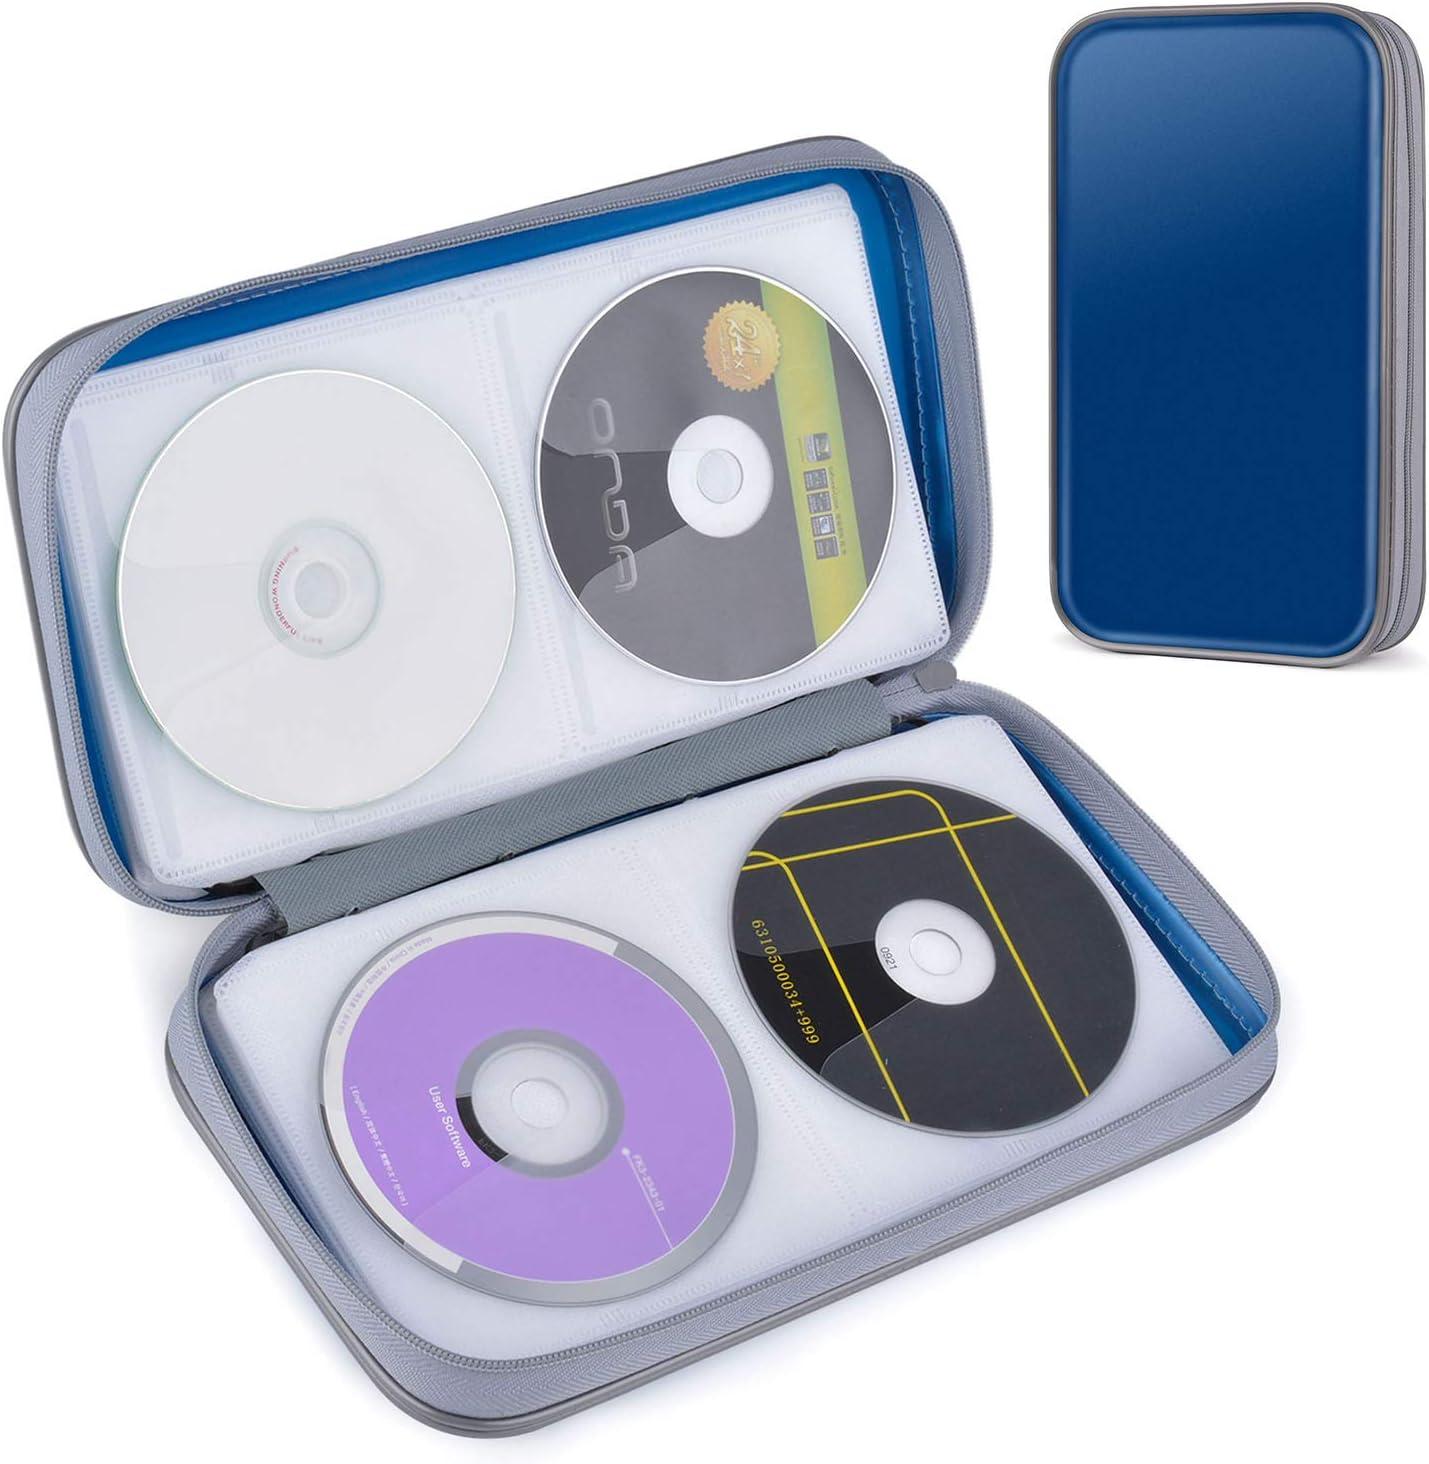 CD Estuche, Tinksky Porta CD para 80 CDs/DVDs Almacenamiento de CD para CD/ DVD Protectora: Amazon.es: Juguetes y juegos